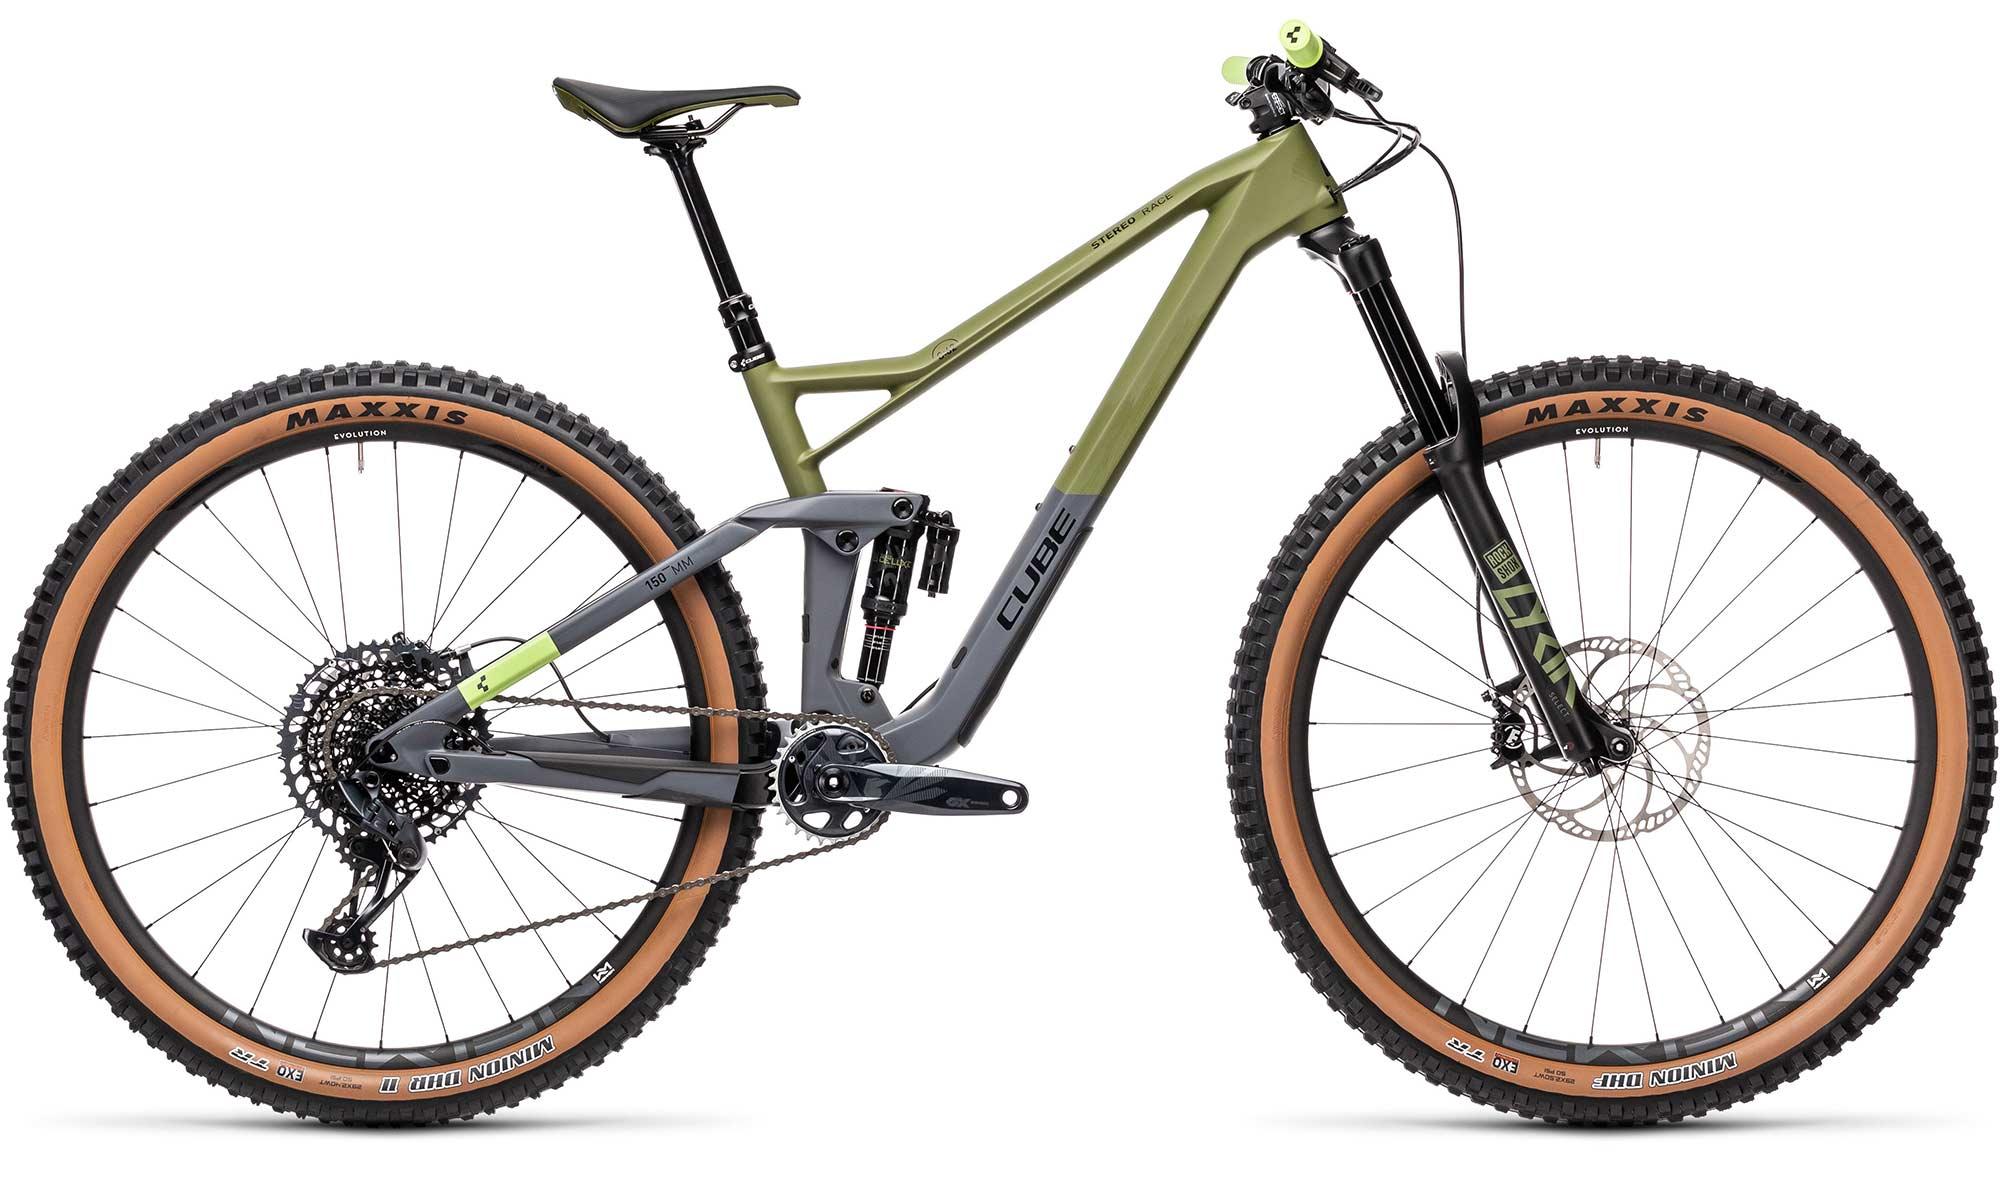 Giant full suspension enduro bike Trance 2, Maestro frame